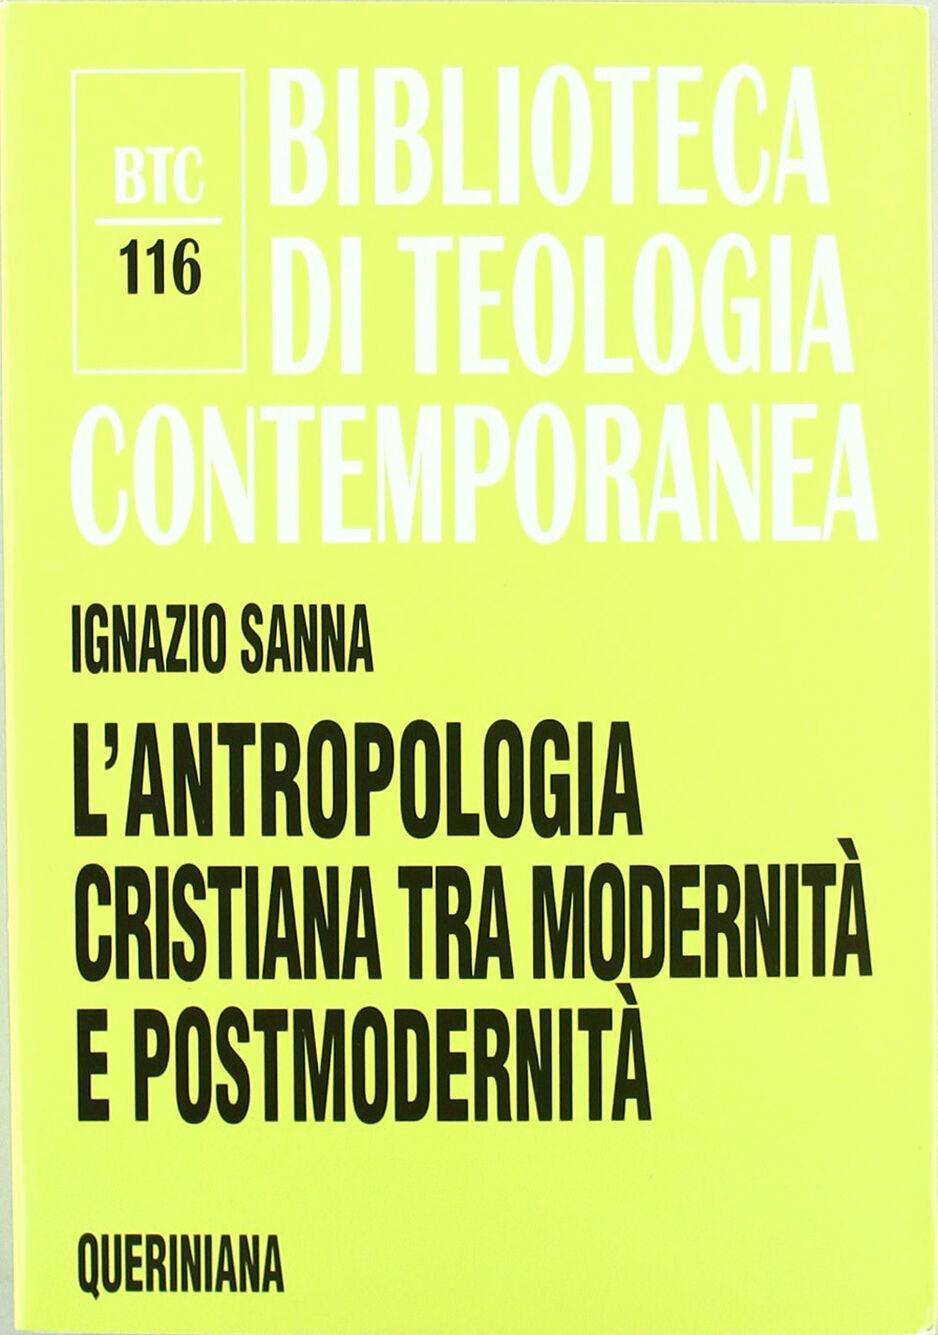 L' antropologia cristiana tra modernità e postmodernità